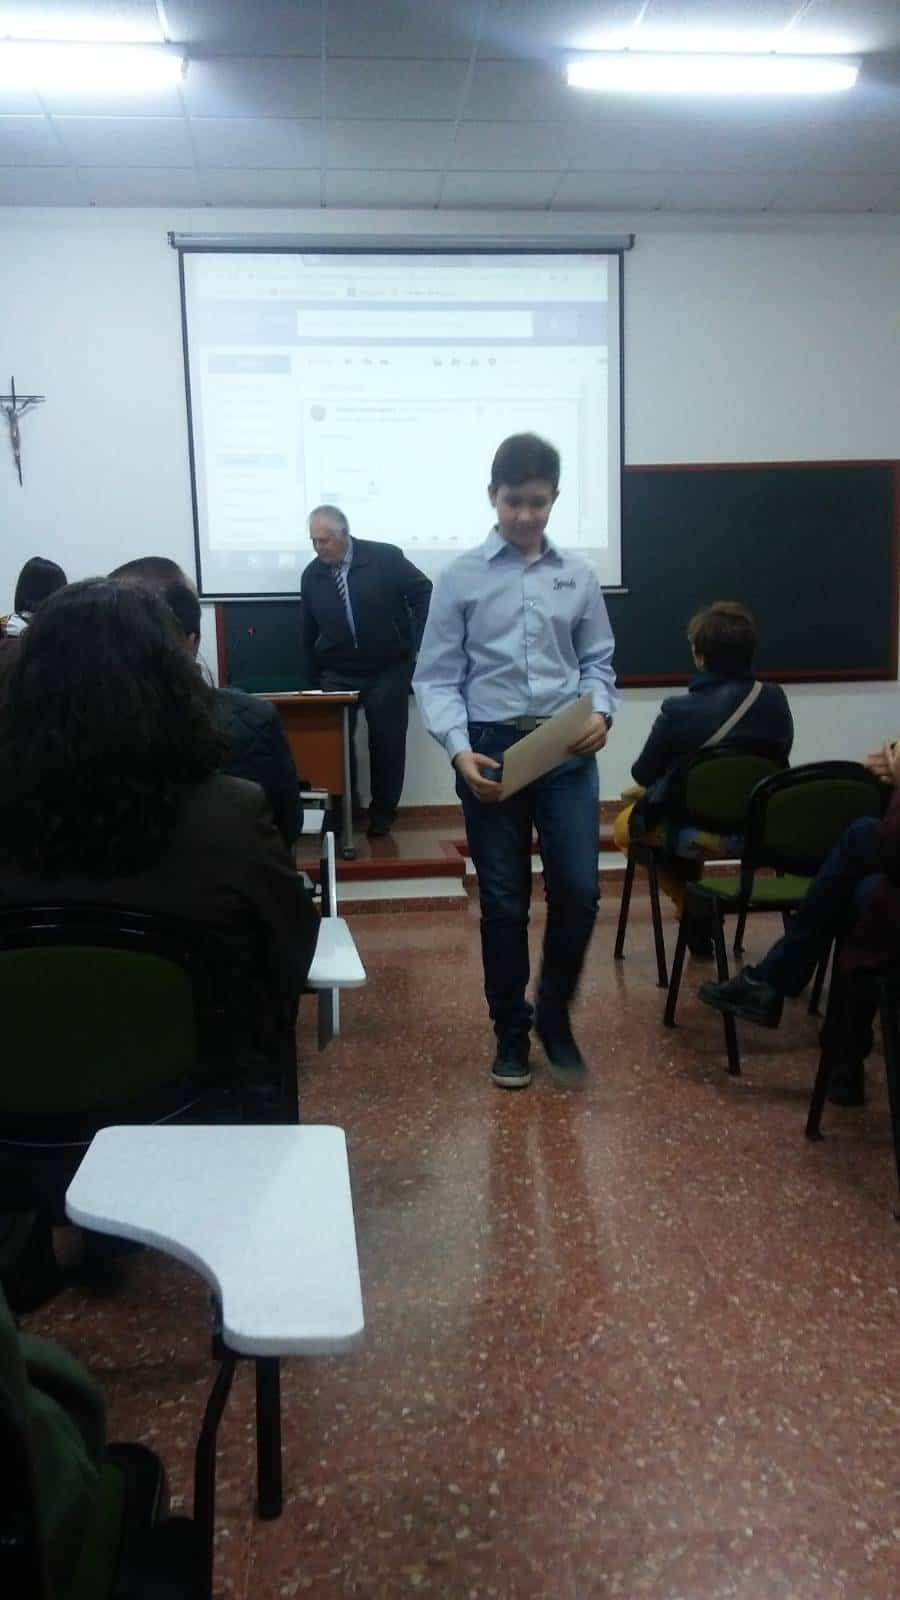 Juan Garcia gana el concurso de relatos de la asociacion amigos del seminario - Jóvenes de la parroquia de Herencia premiados por la asociación de Amigos del Seminario